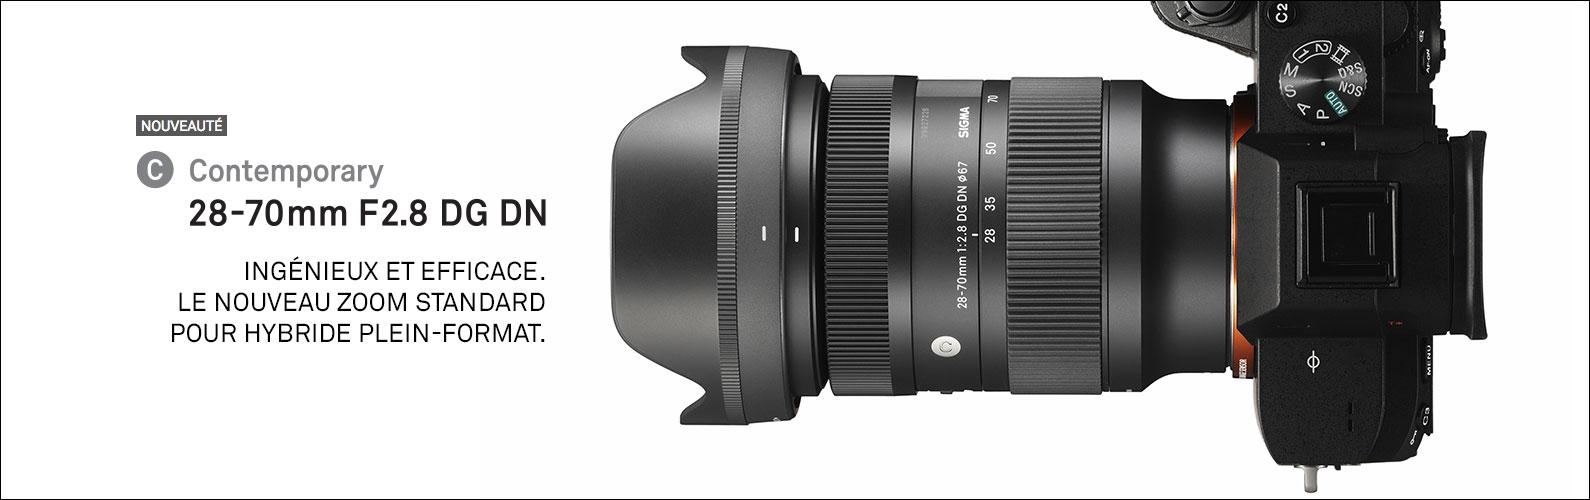 Nouveau 28-70mm F2.8 DG DN | Contemporary pour hybride plein-format